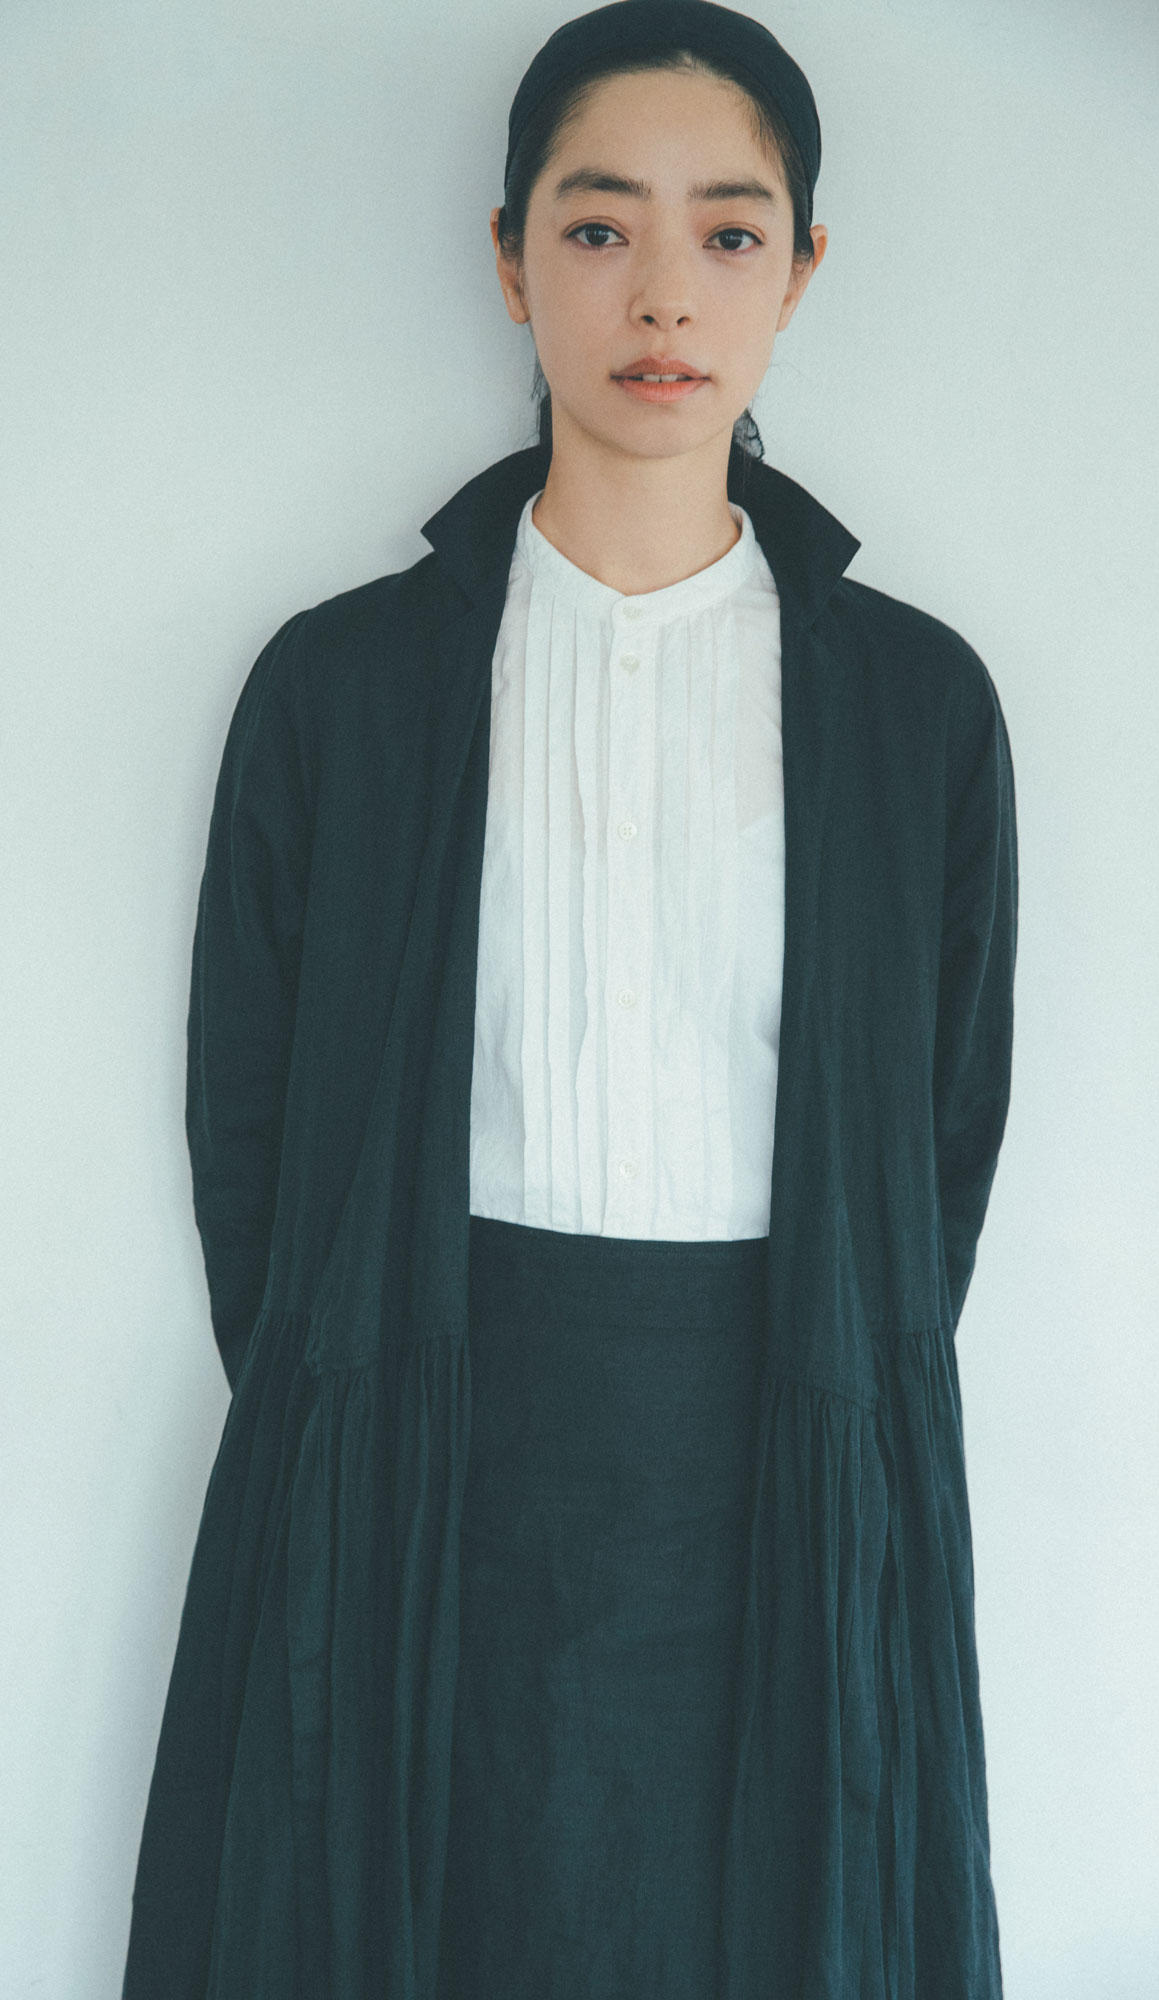 市川実和子さん×nest Robe